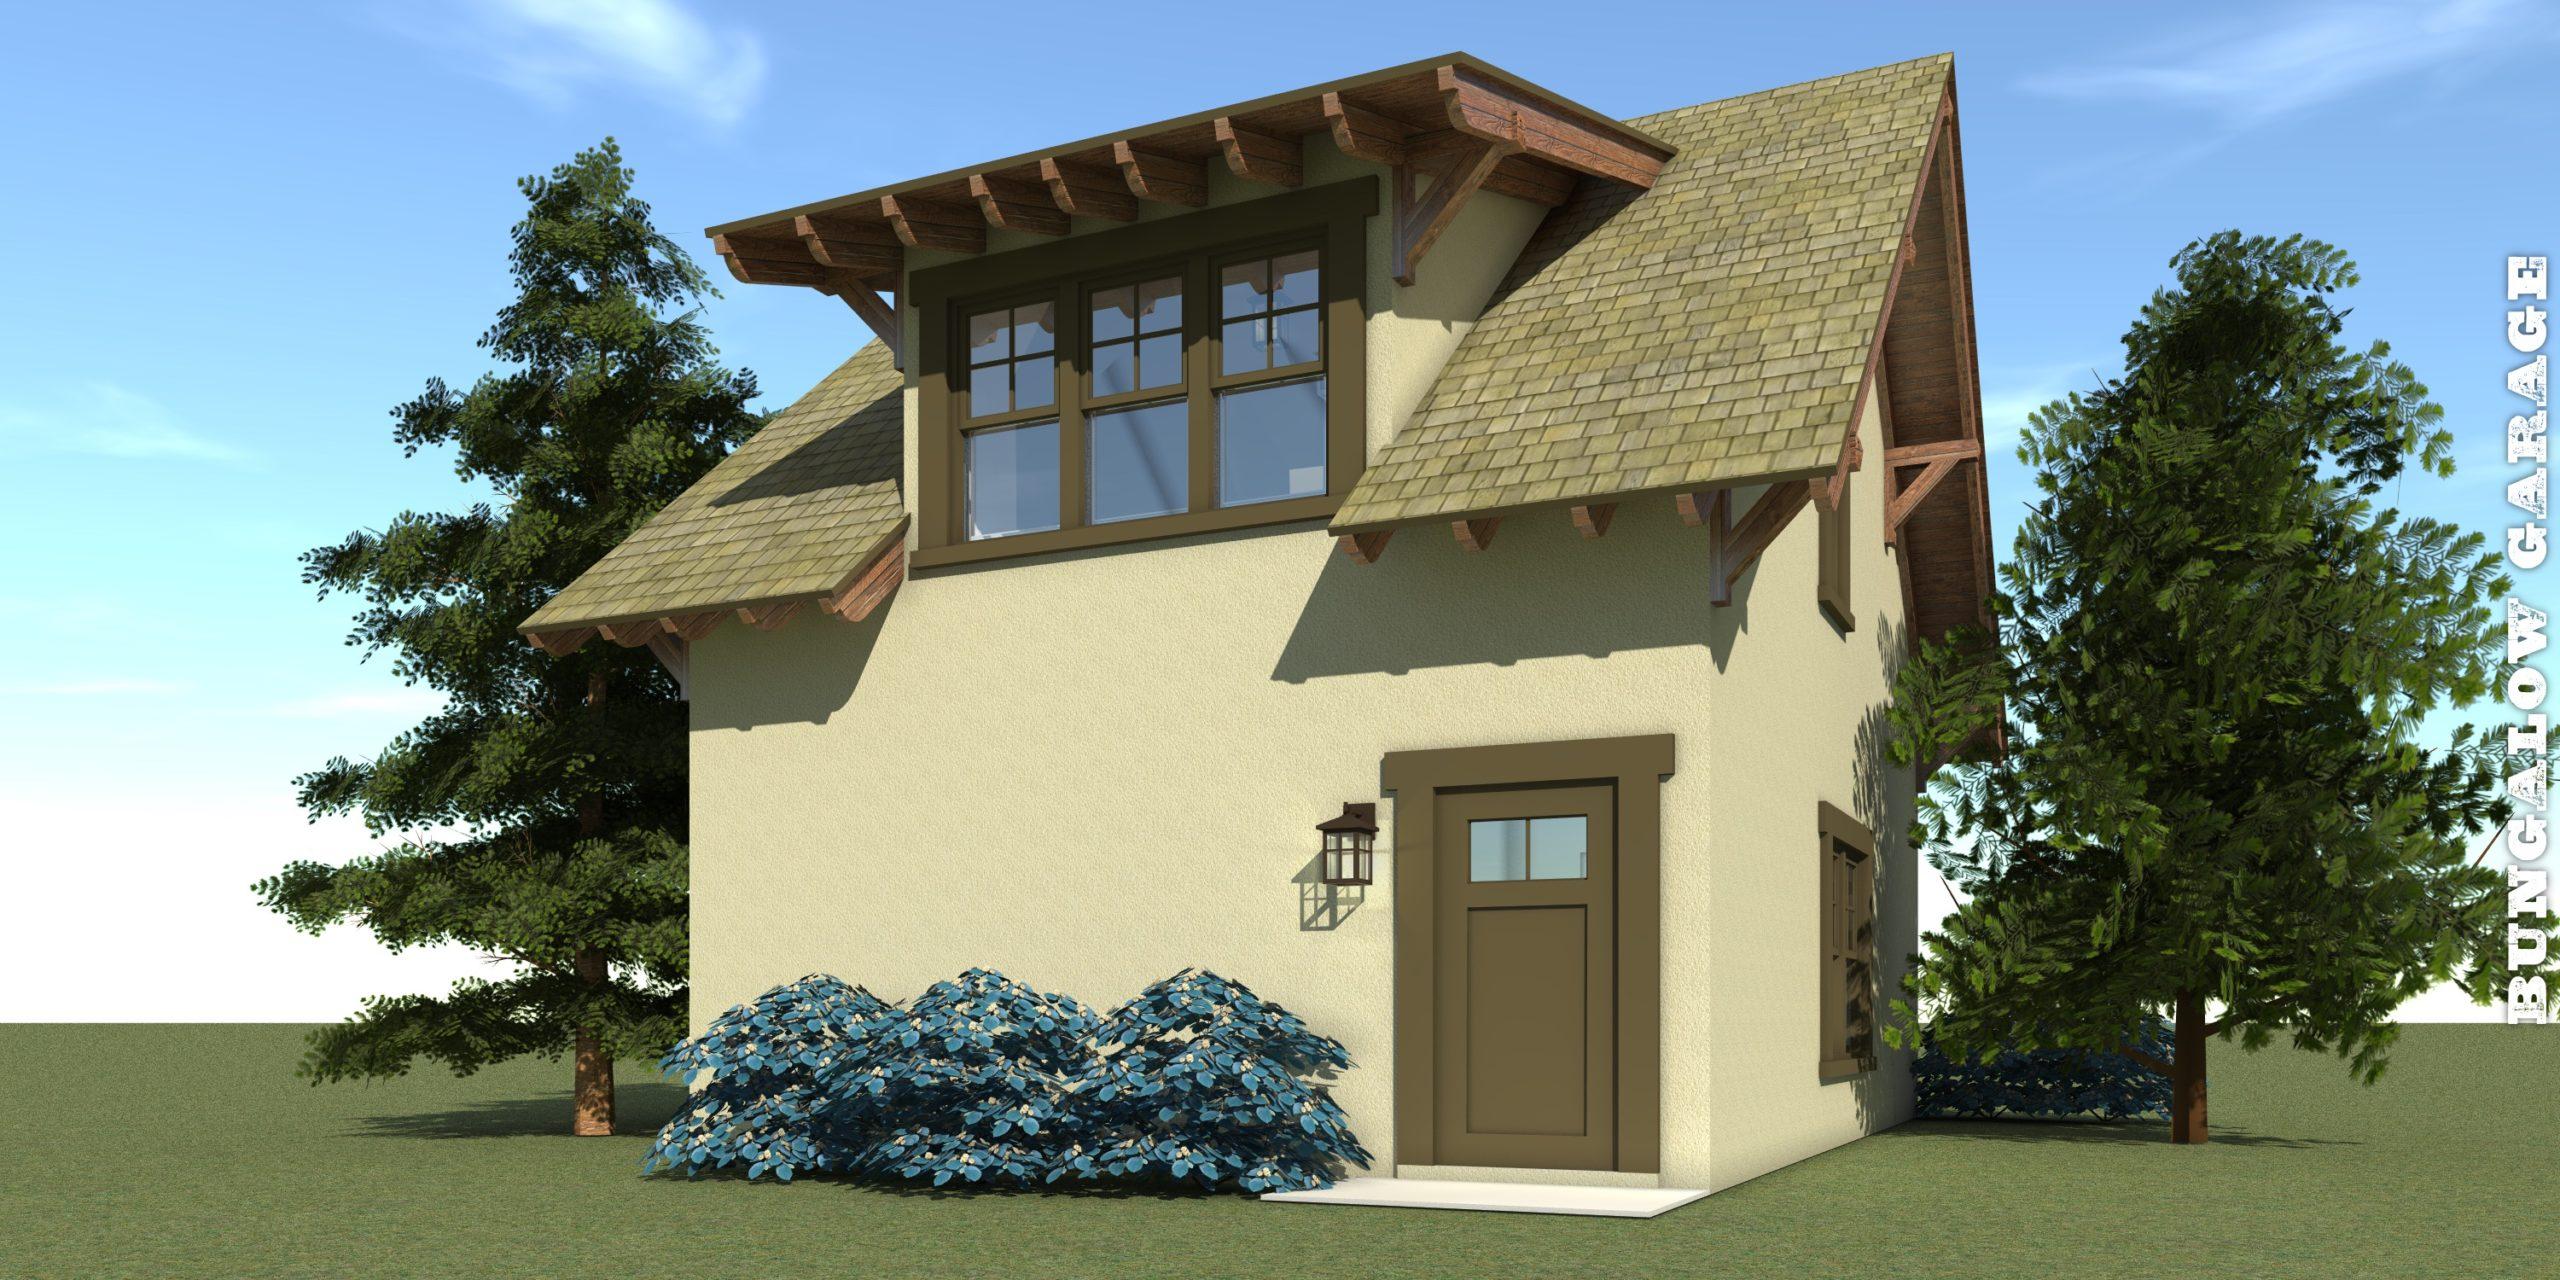 Bungalow Garage Plan - Tyree House Plans